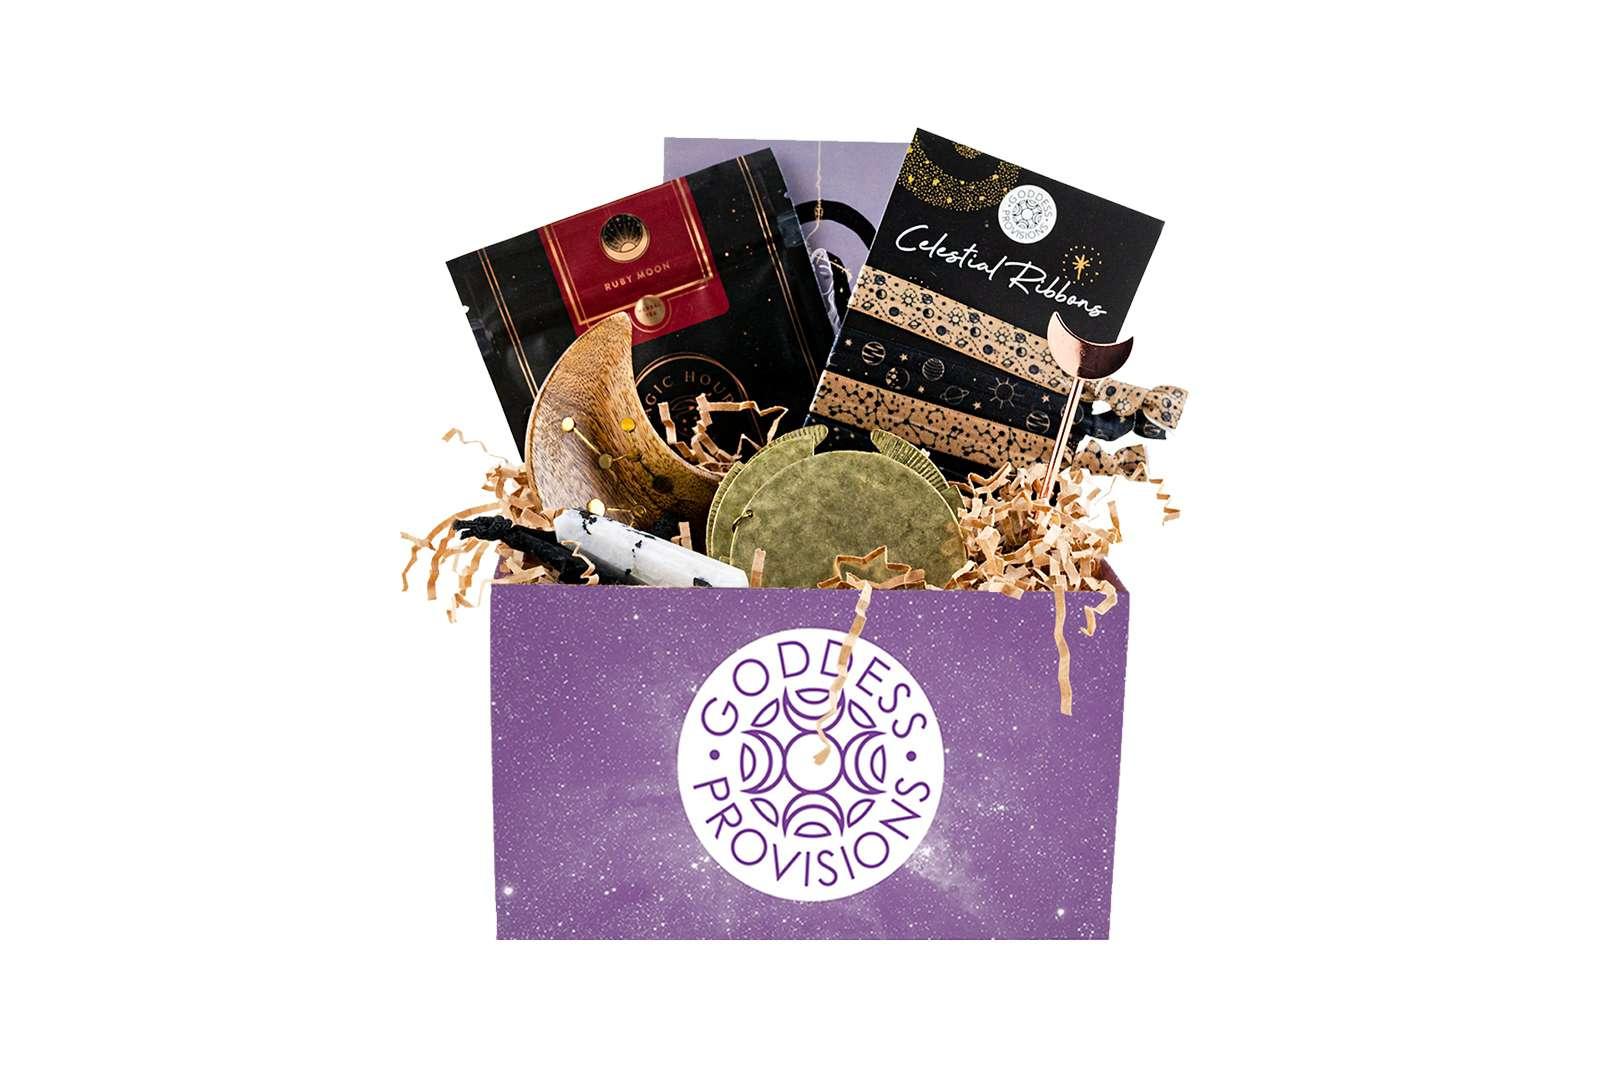 Goddess Provisions Box